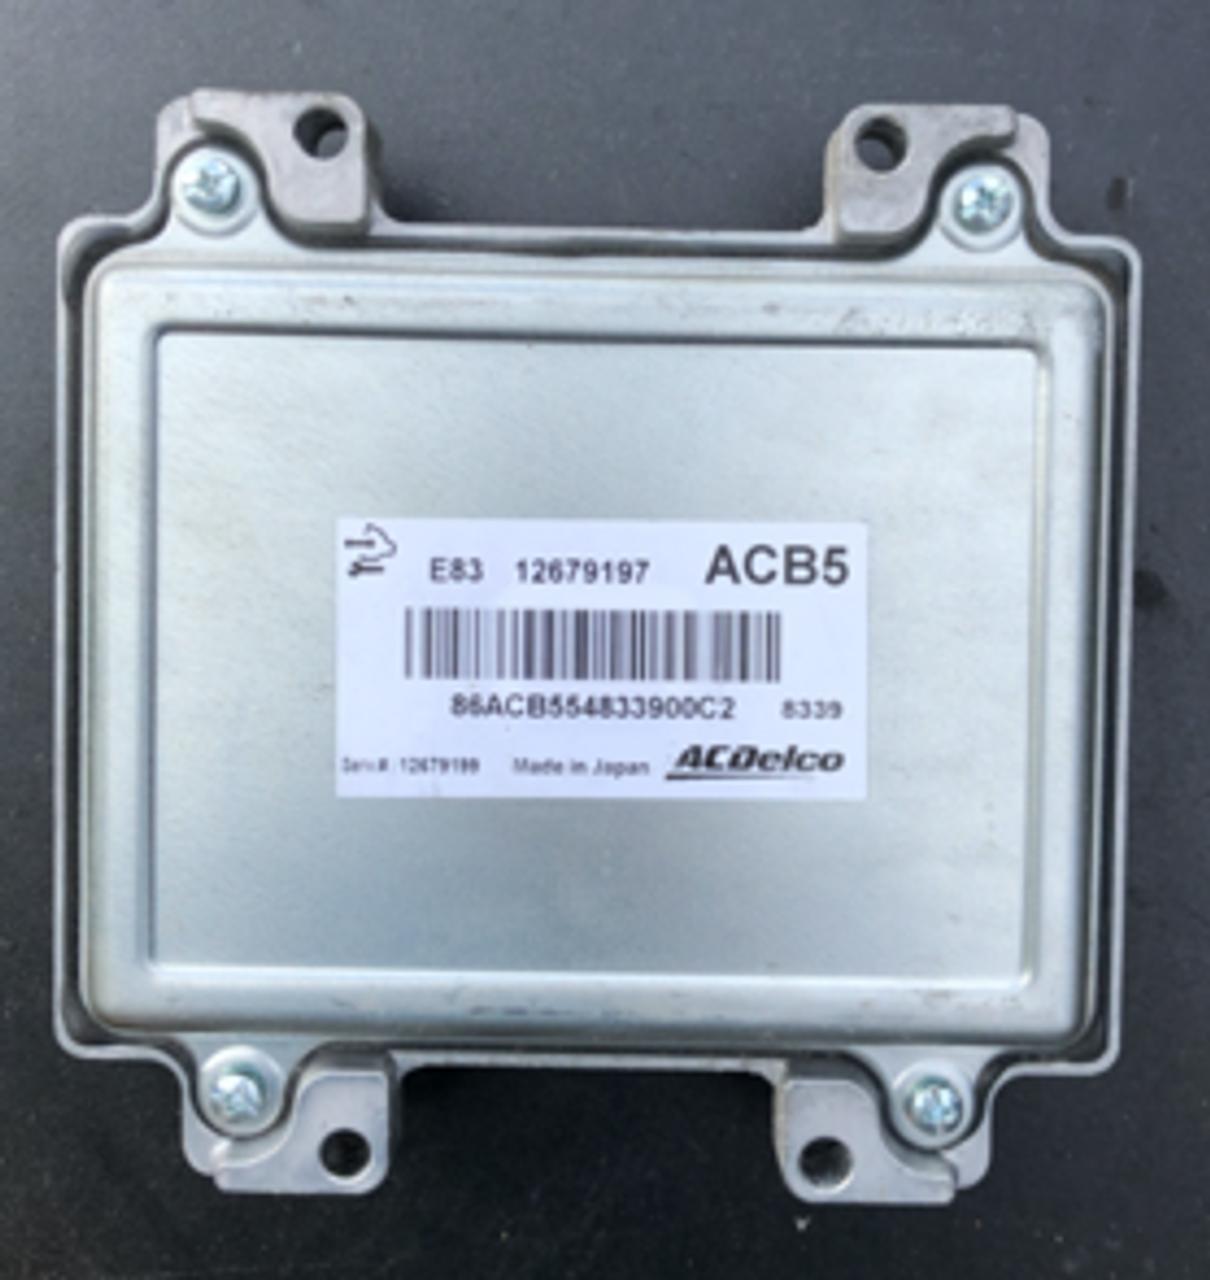 Corsa 1.4 Engine ECU, ACDelco, 12679197, ACB5, E83